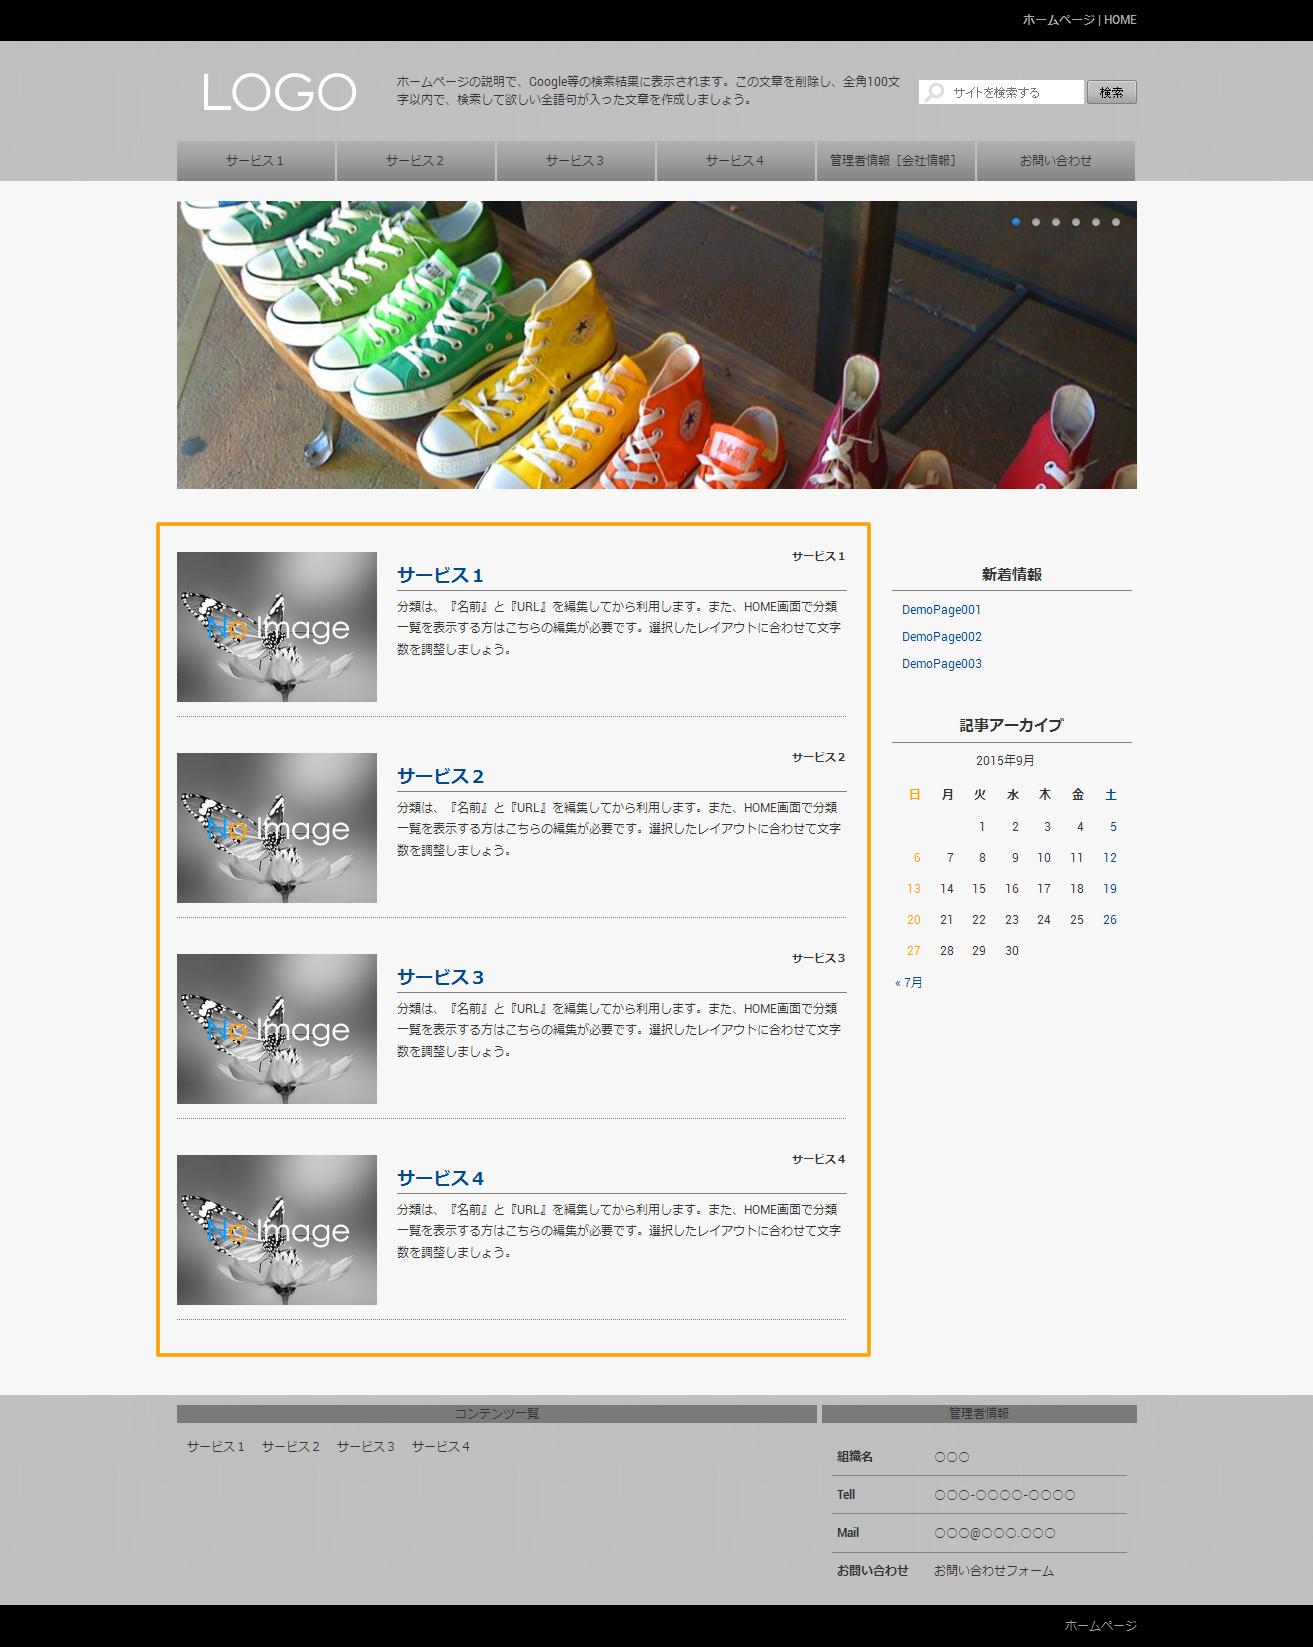 ホームページ 分類の表示順変更 | 簡単格安ホームページ作成サイト - FunMaker